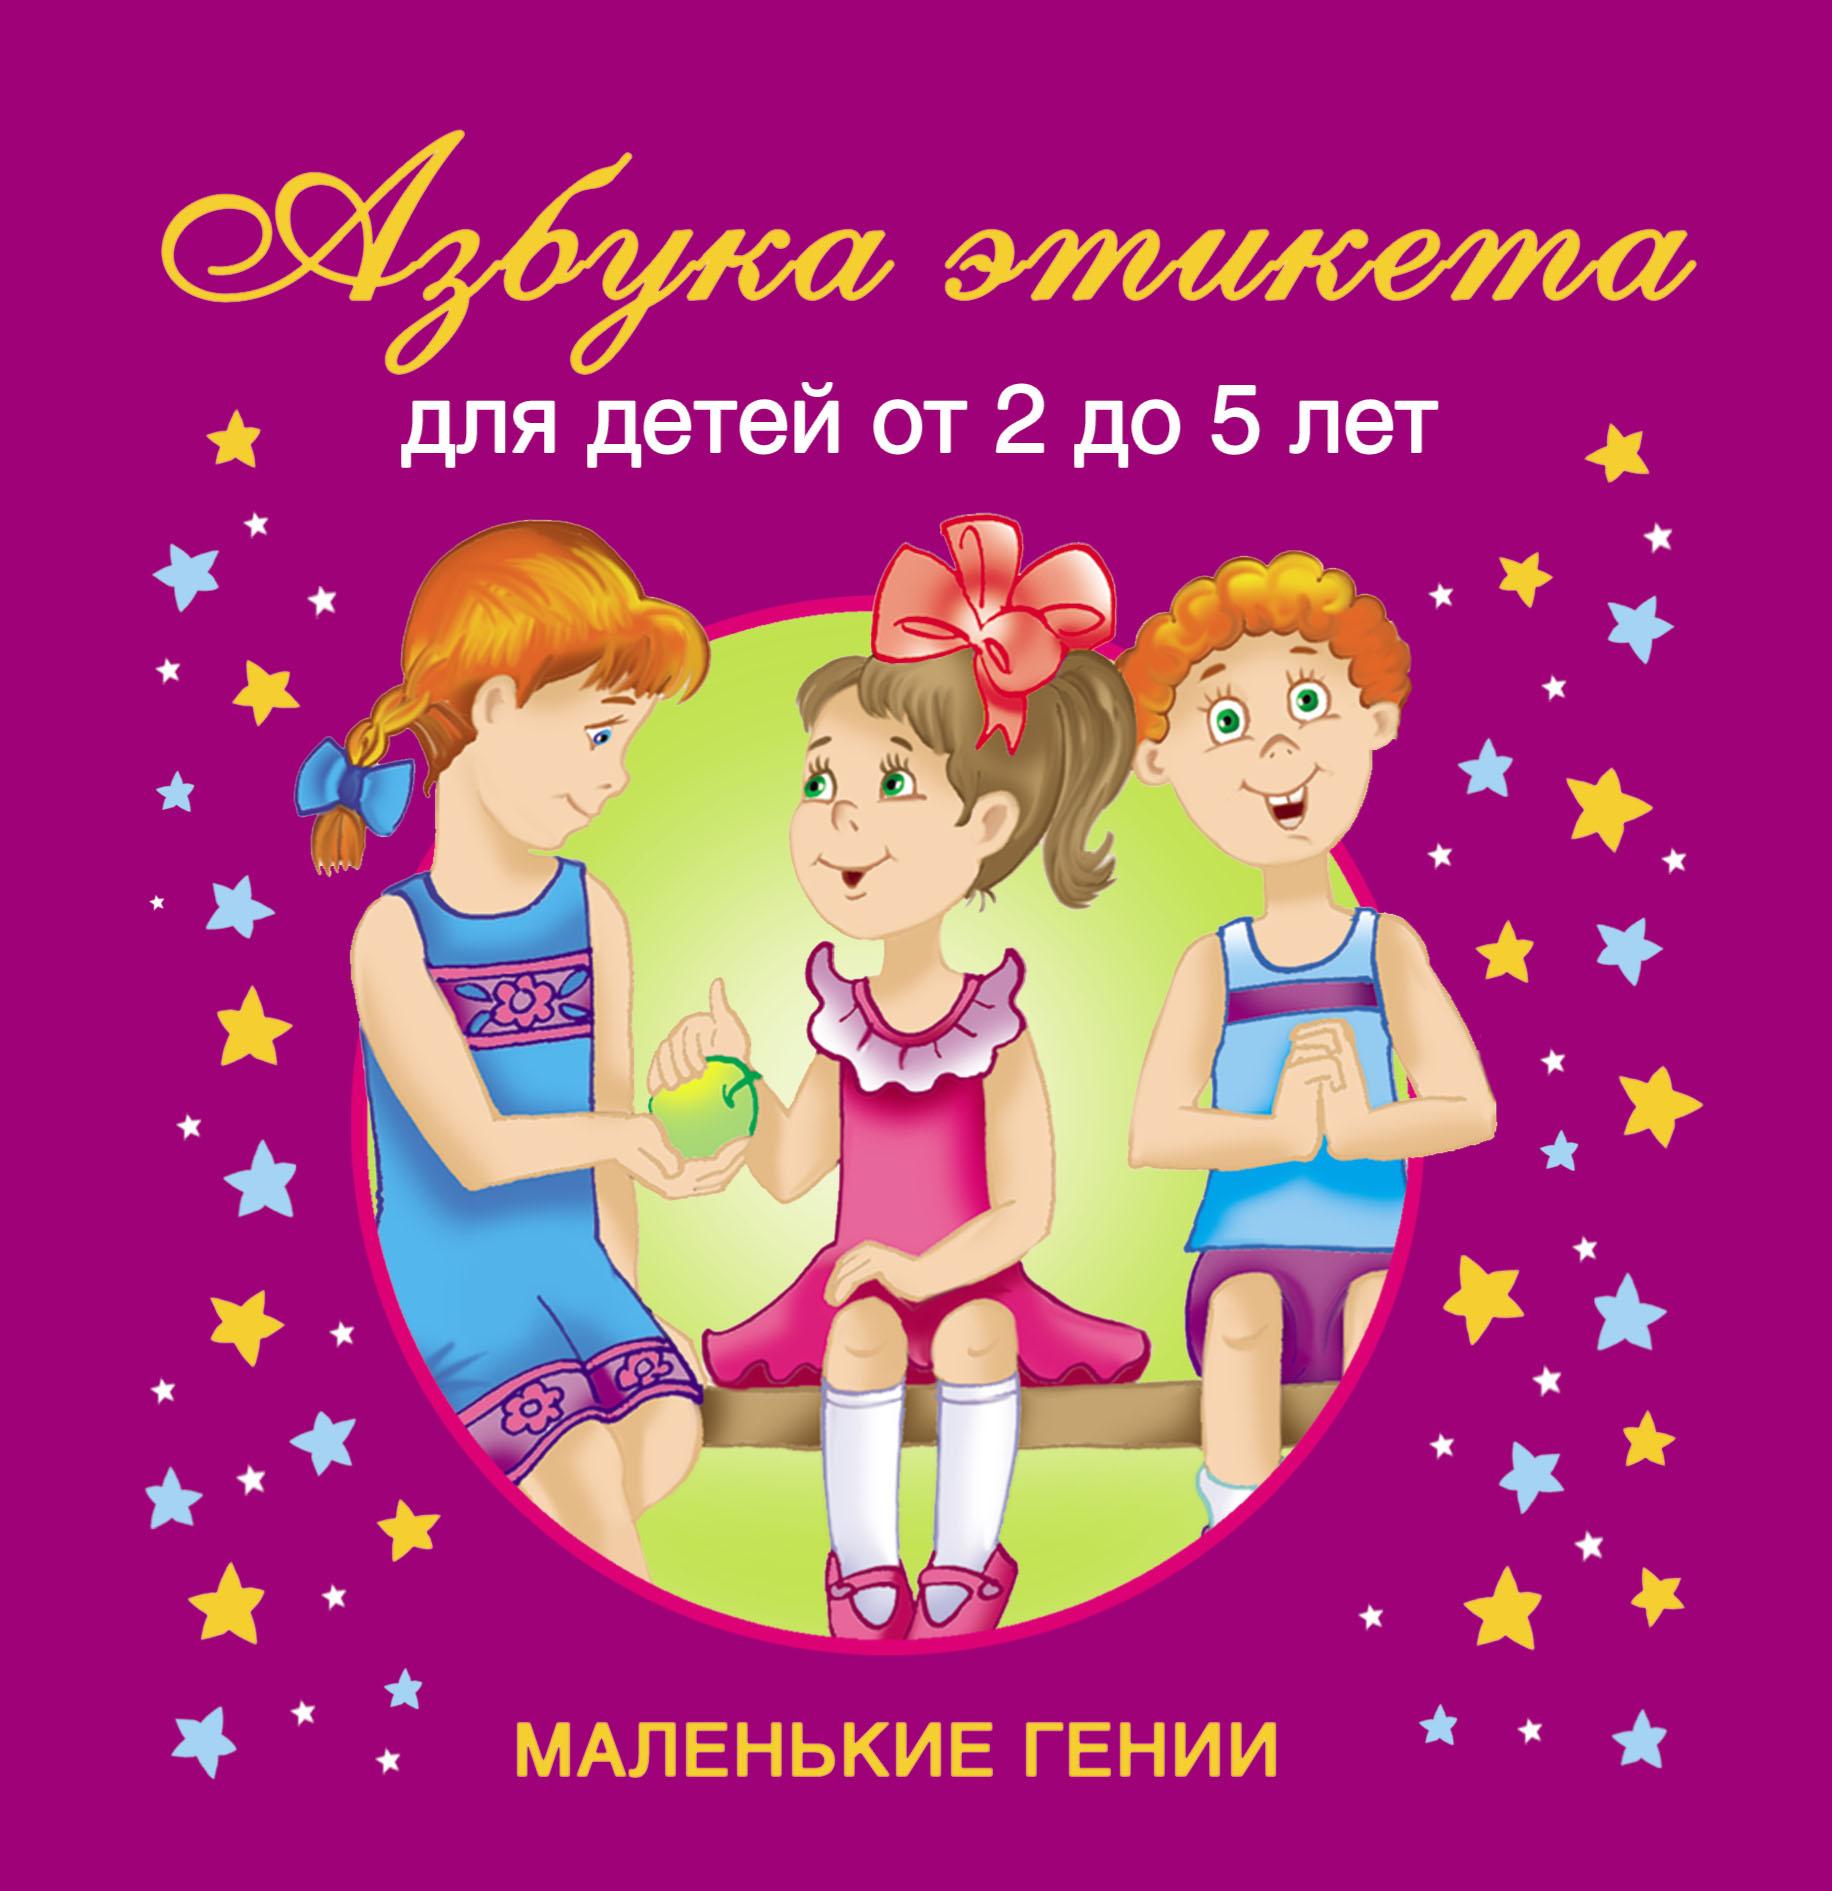 В. Г. Дмитриева Азбука этикета. Для детей от 2 до 5 лет дмитриева в г емельянова татьяна александровна веселые стихи